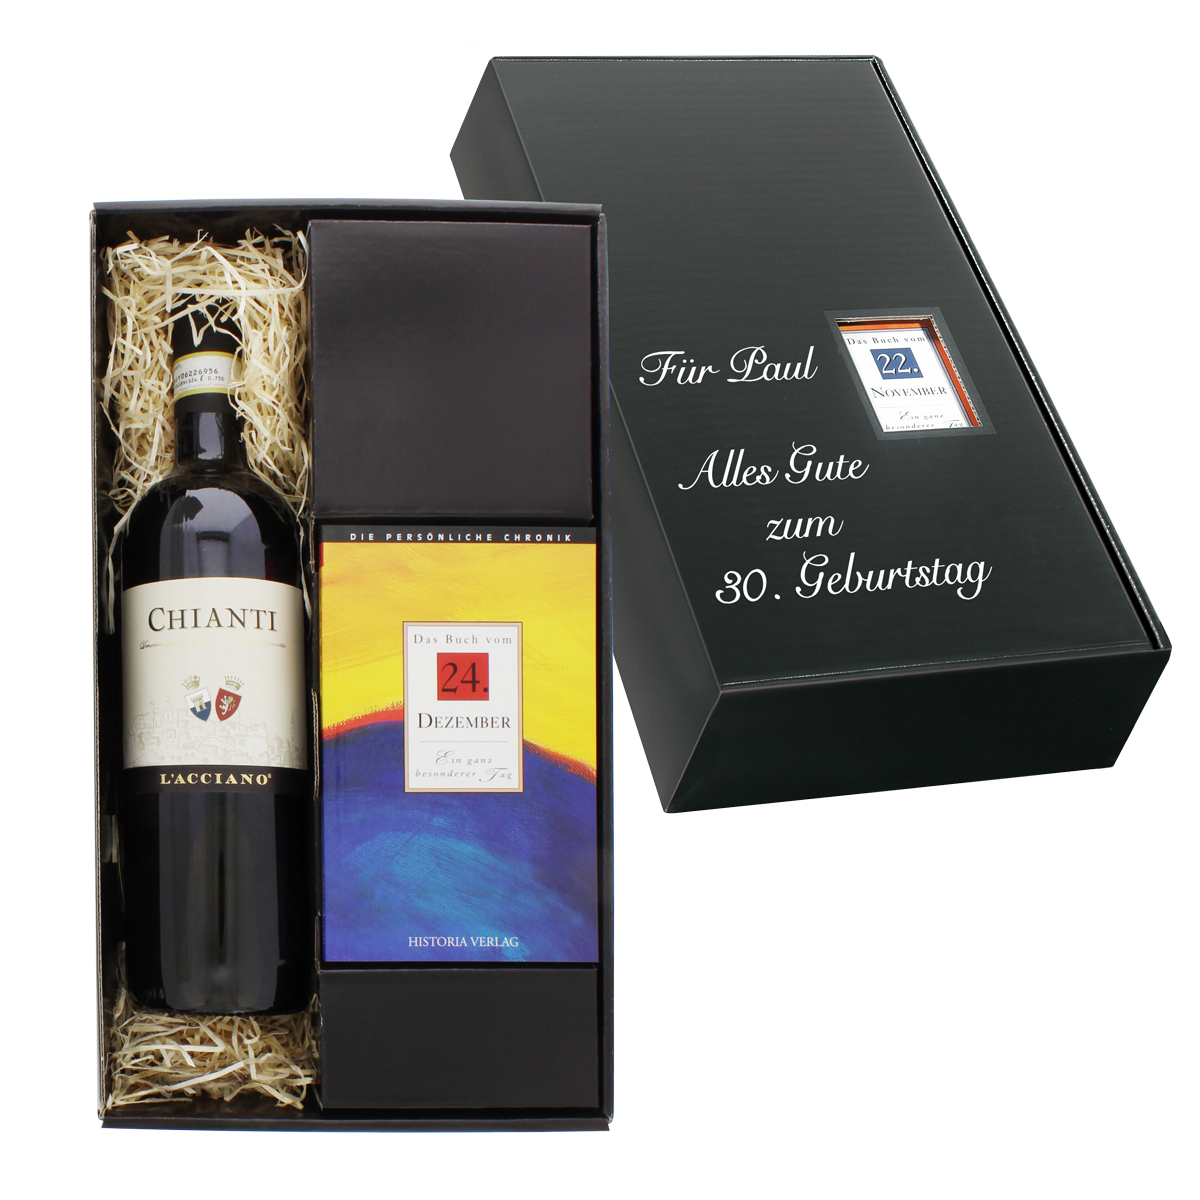 Italien-Set: Tageschronik vom 17. August & Chianti-Wein